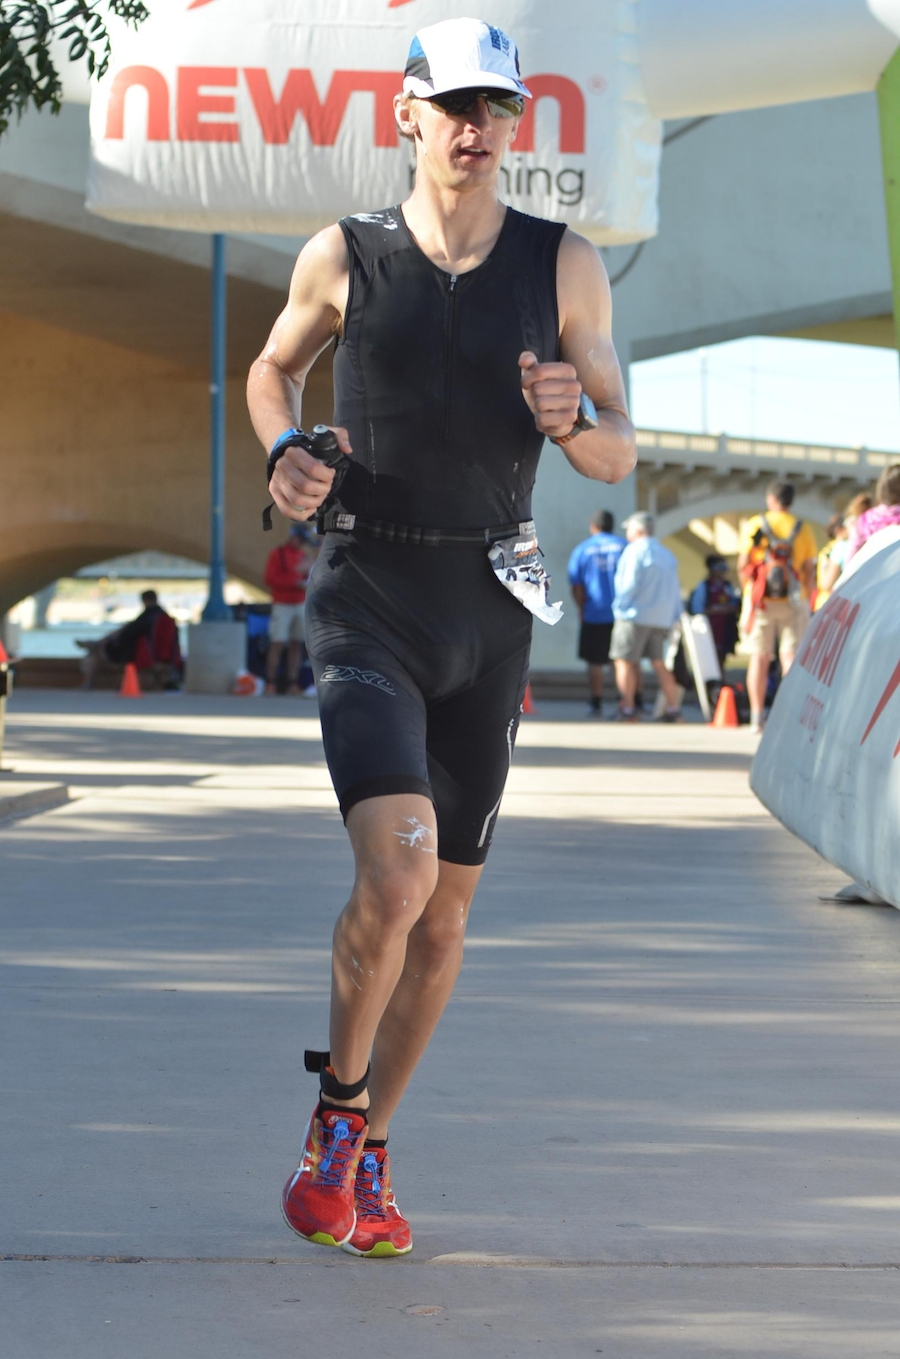 greg_kroleski_ironman_run_start